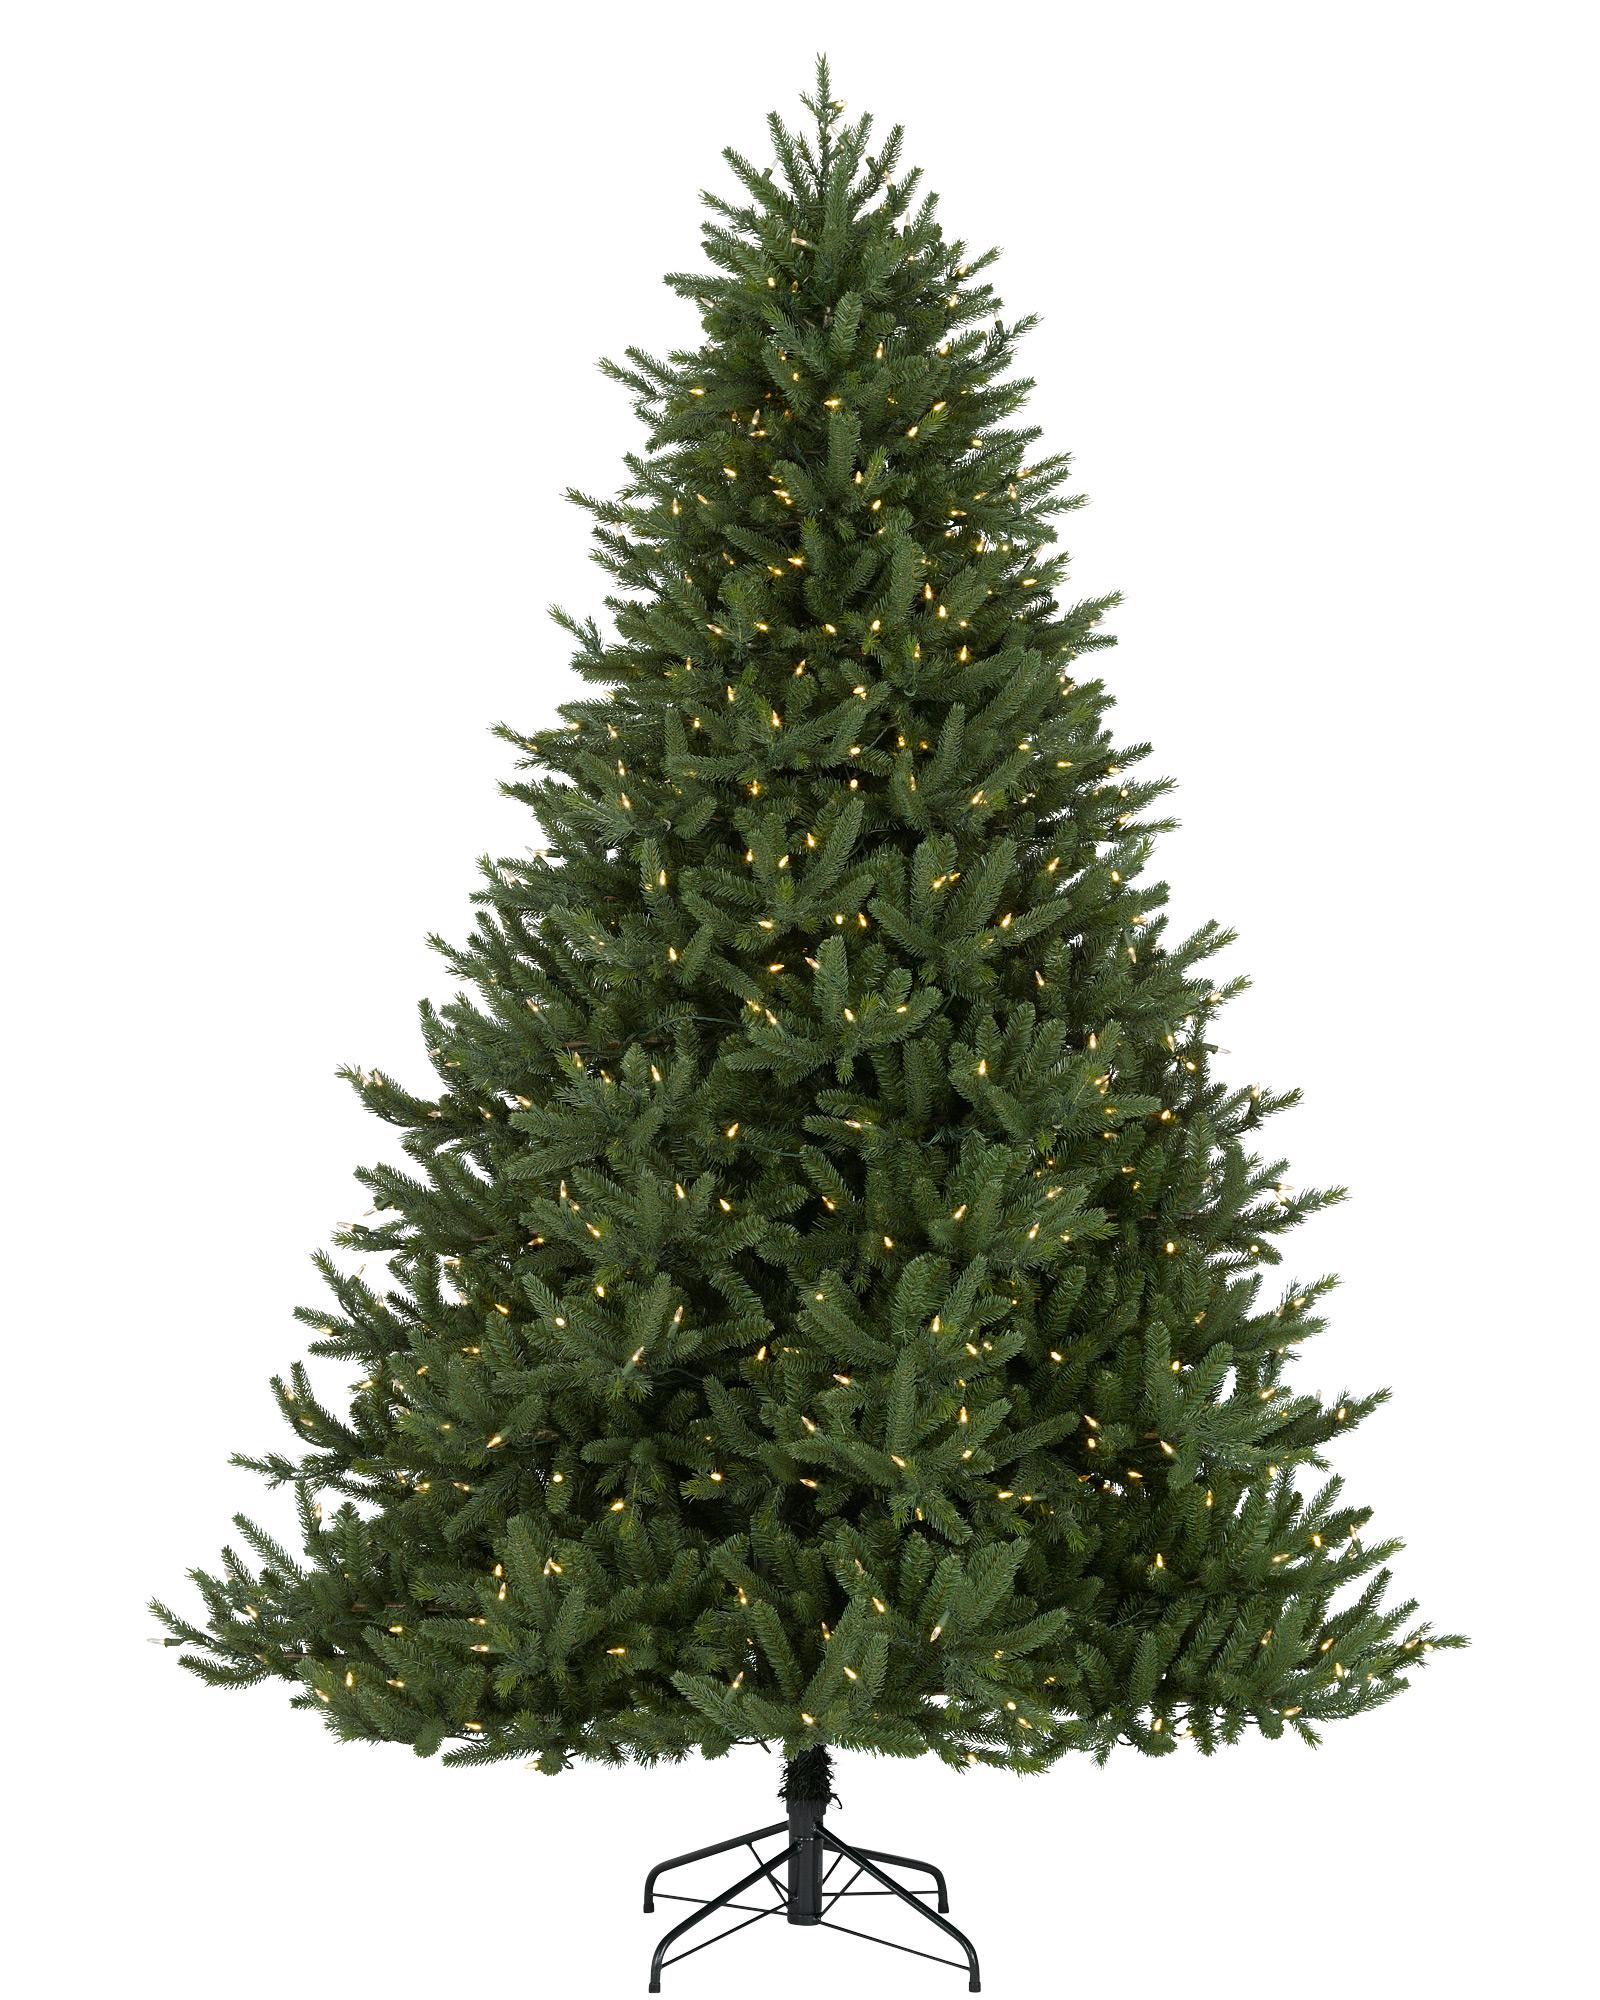 Oh Christmas Artificial Christmas Tree | Treetopia UK